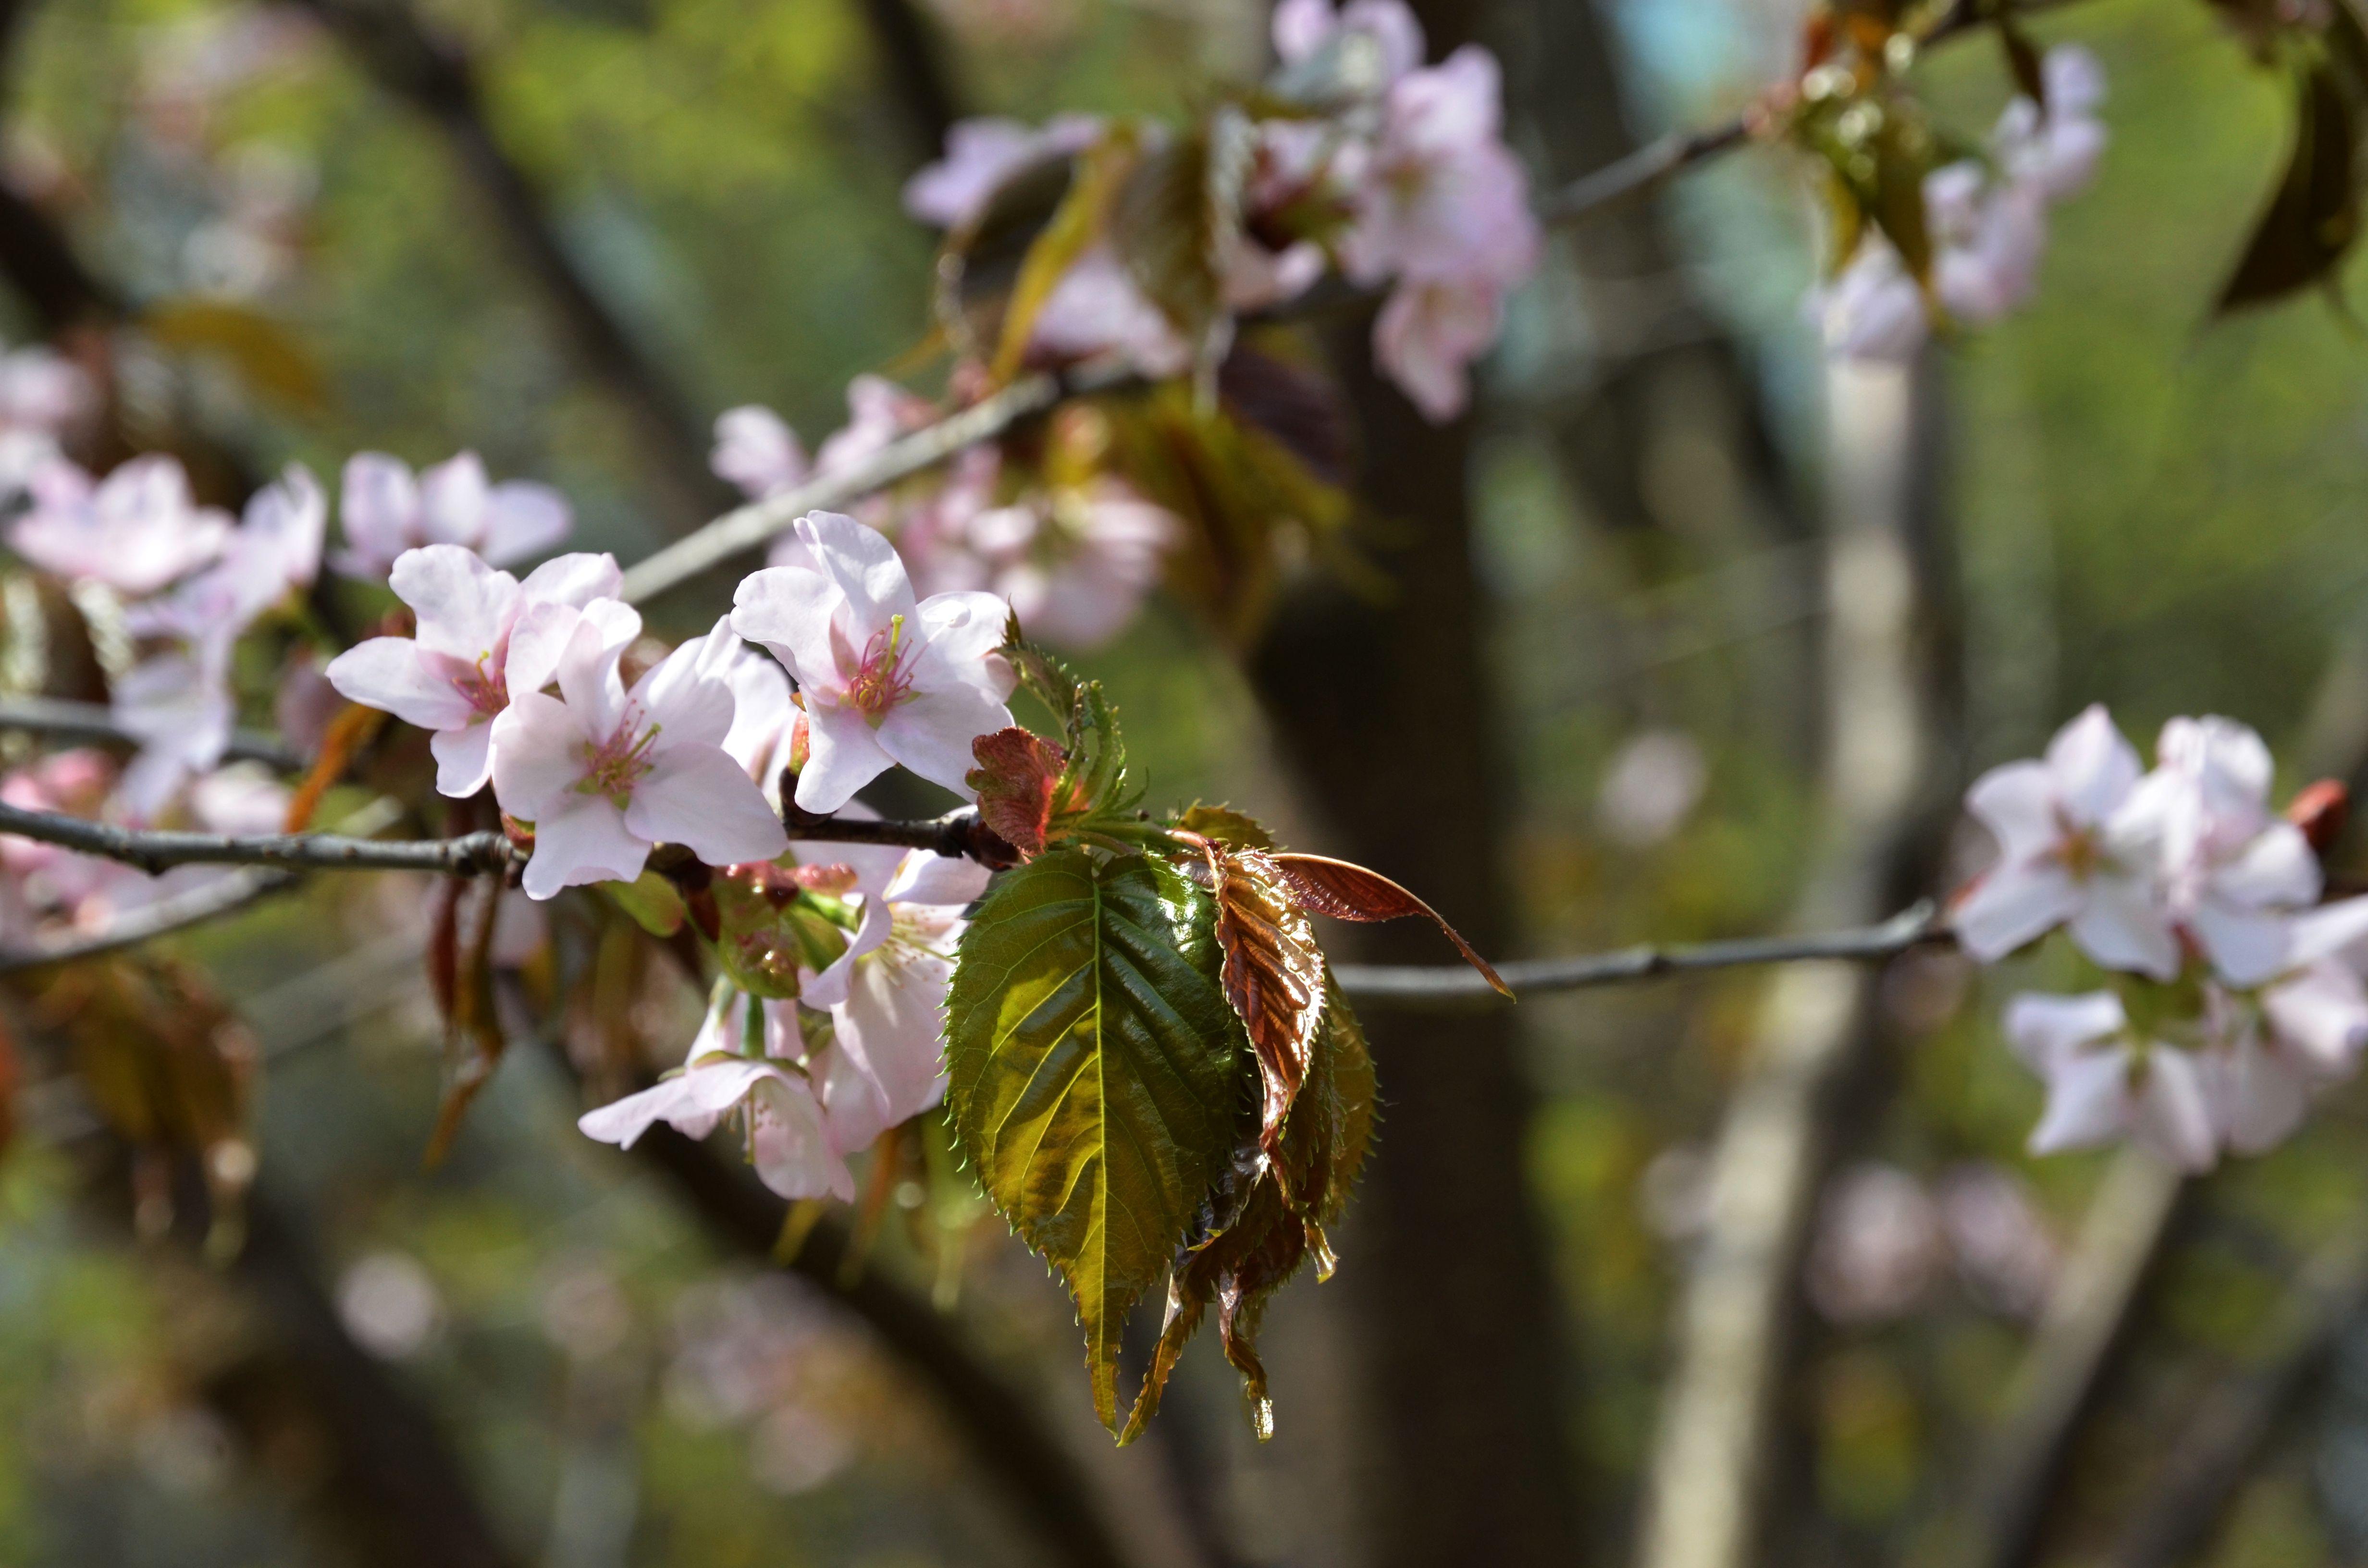 Природа столичных дендропарков и цветы из фоамирана: какие мероприятия подготовили для жителей юга в пятницу